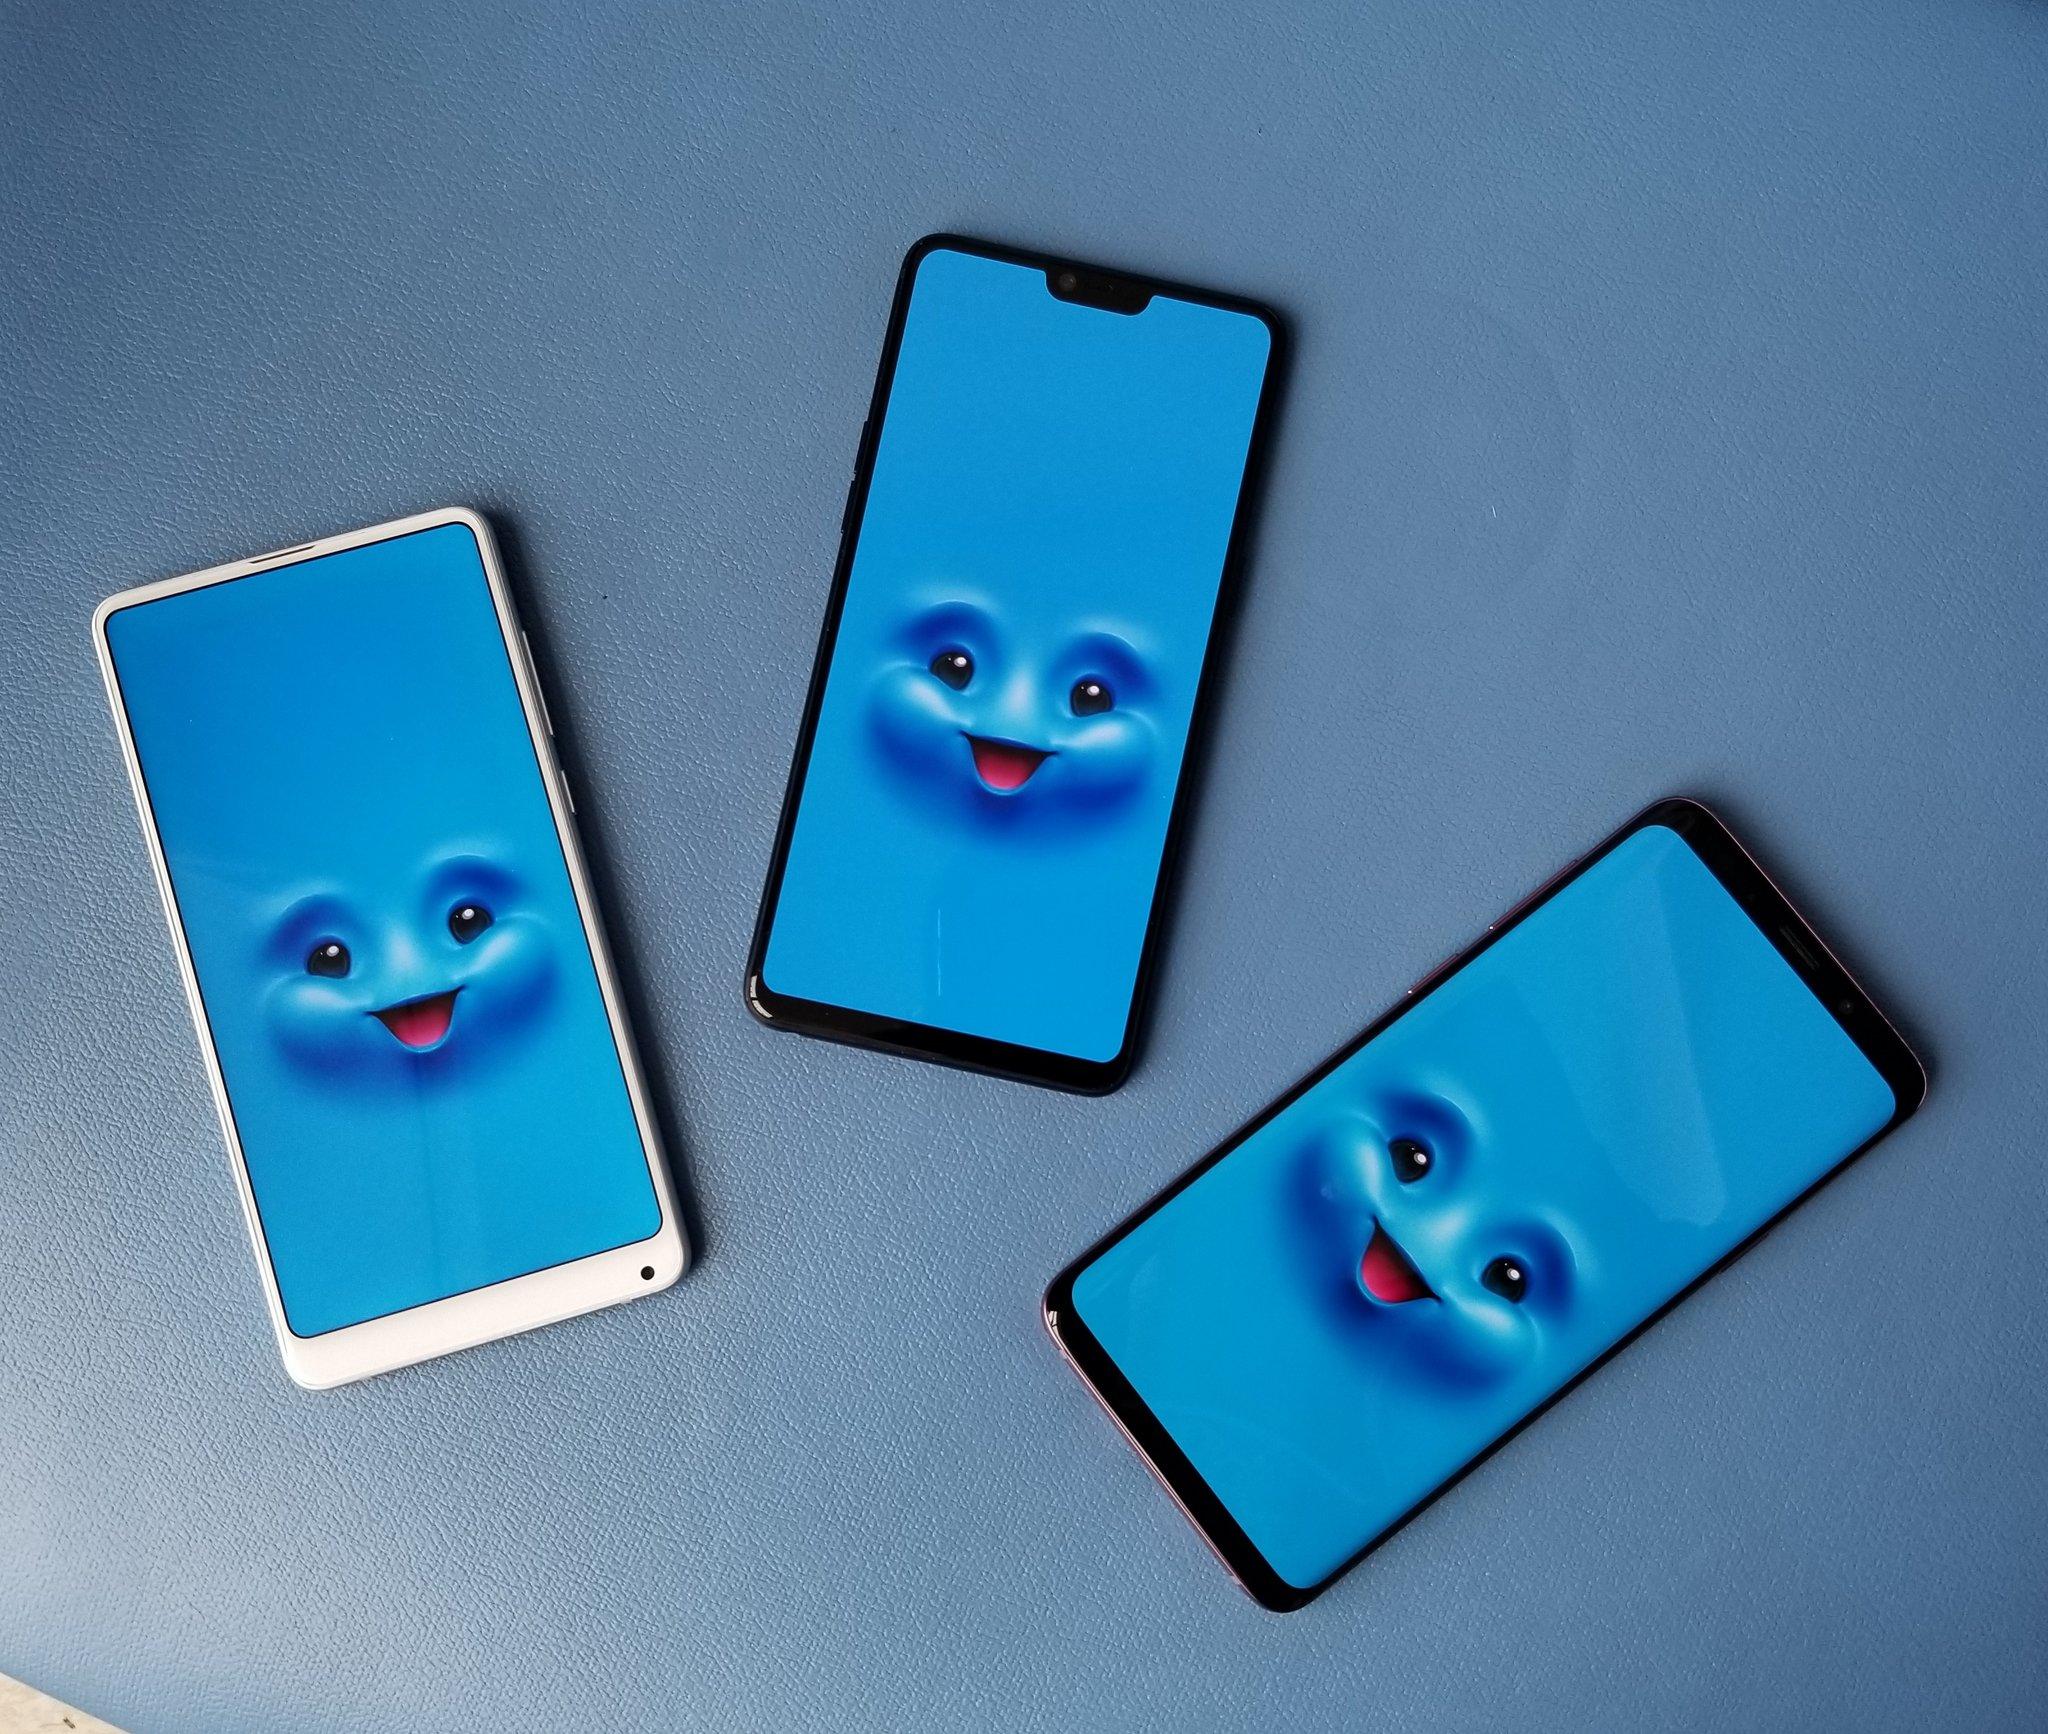 Xiaomi Mi MIX 2S, Oppo R15. Samsung Galaxy S9+